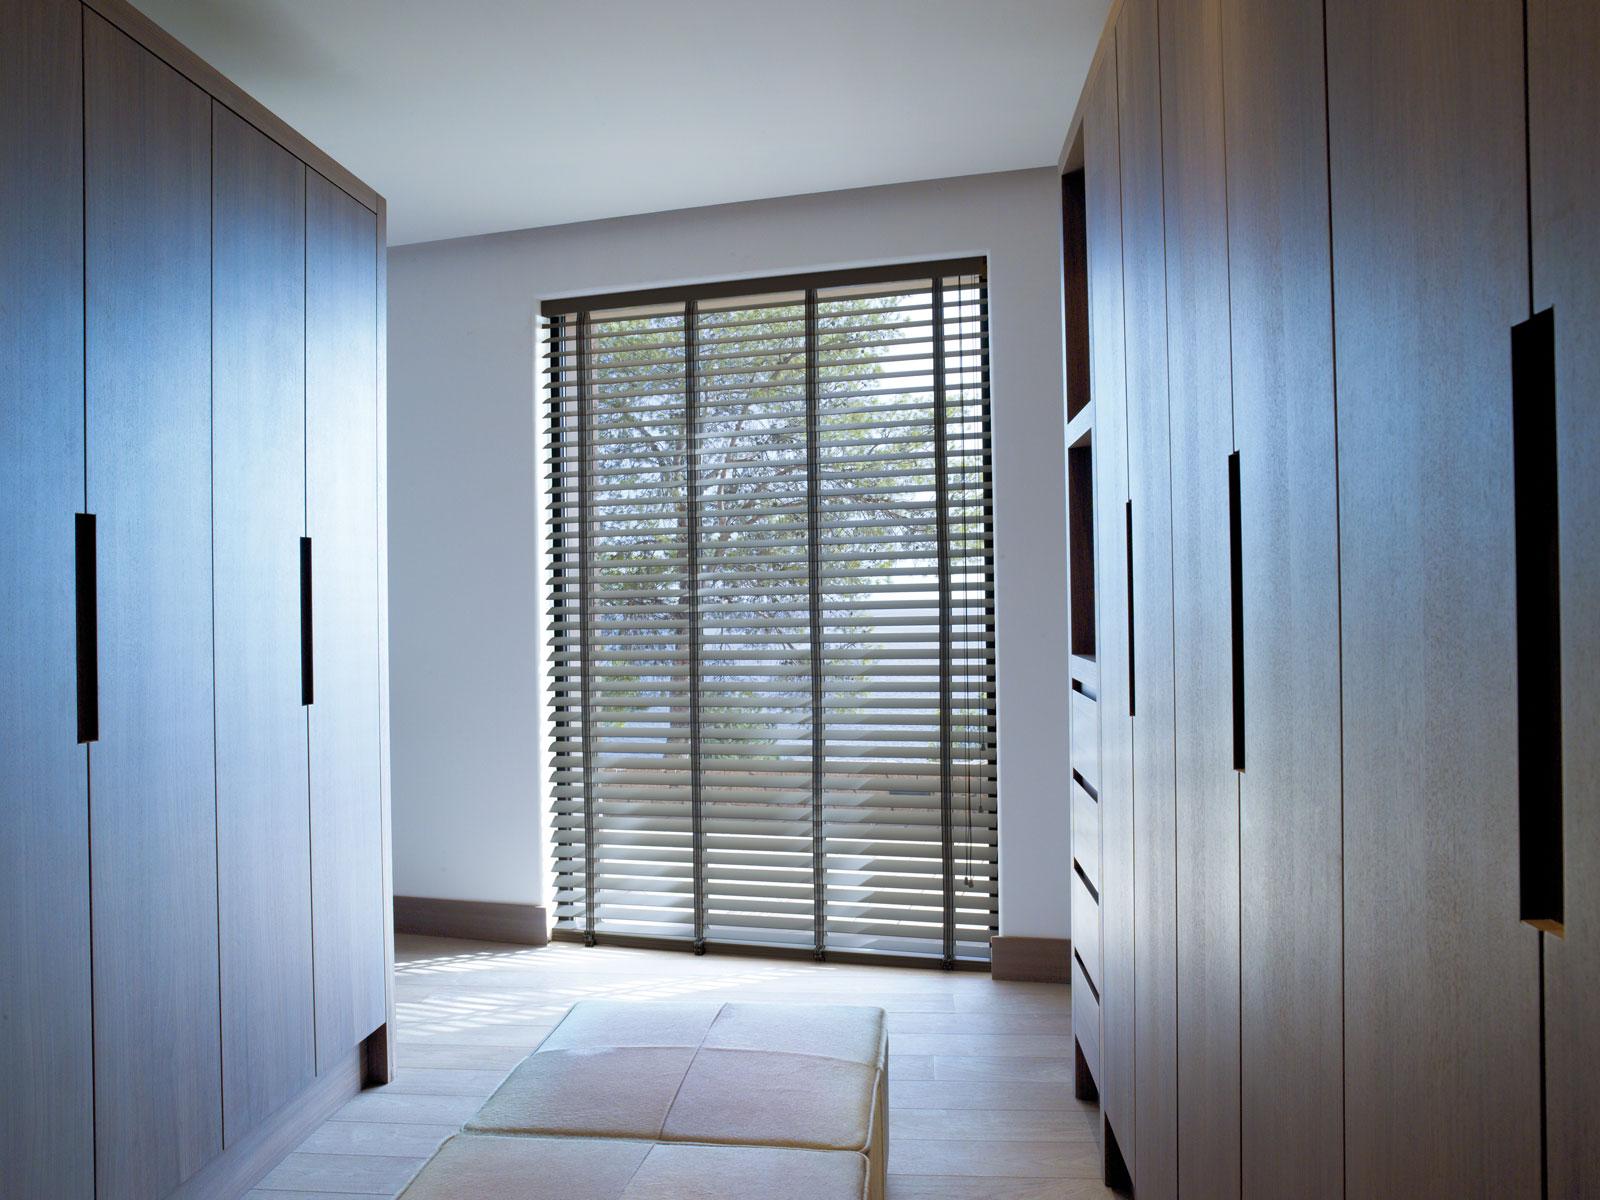 Hochwertiger Sonnenschutz, Sichtschutz und Lichtschutz - Lamellenvorhang - Senkrechtlamellen - Holzjalousie als Sichtschutz im begehbaren Kleiderschrank - Dr. Haller + Co. - Selastore®